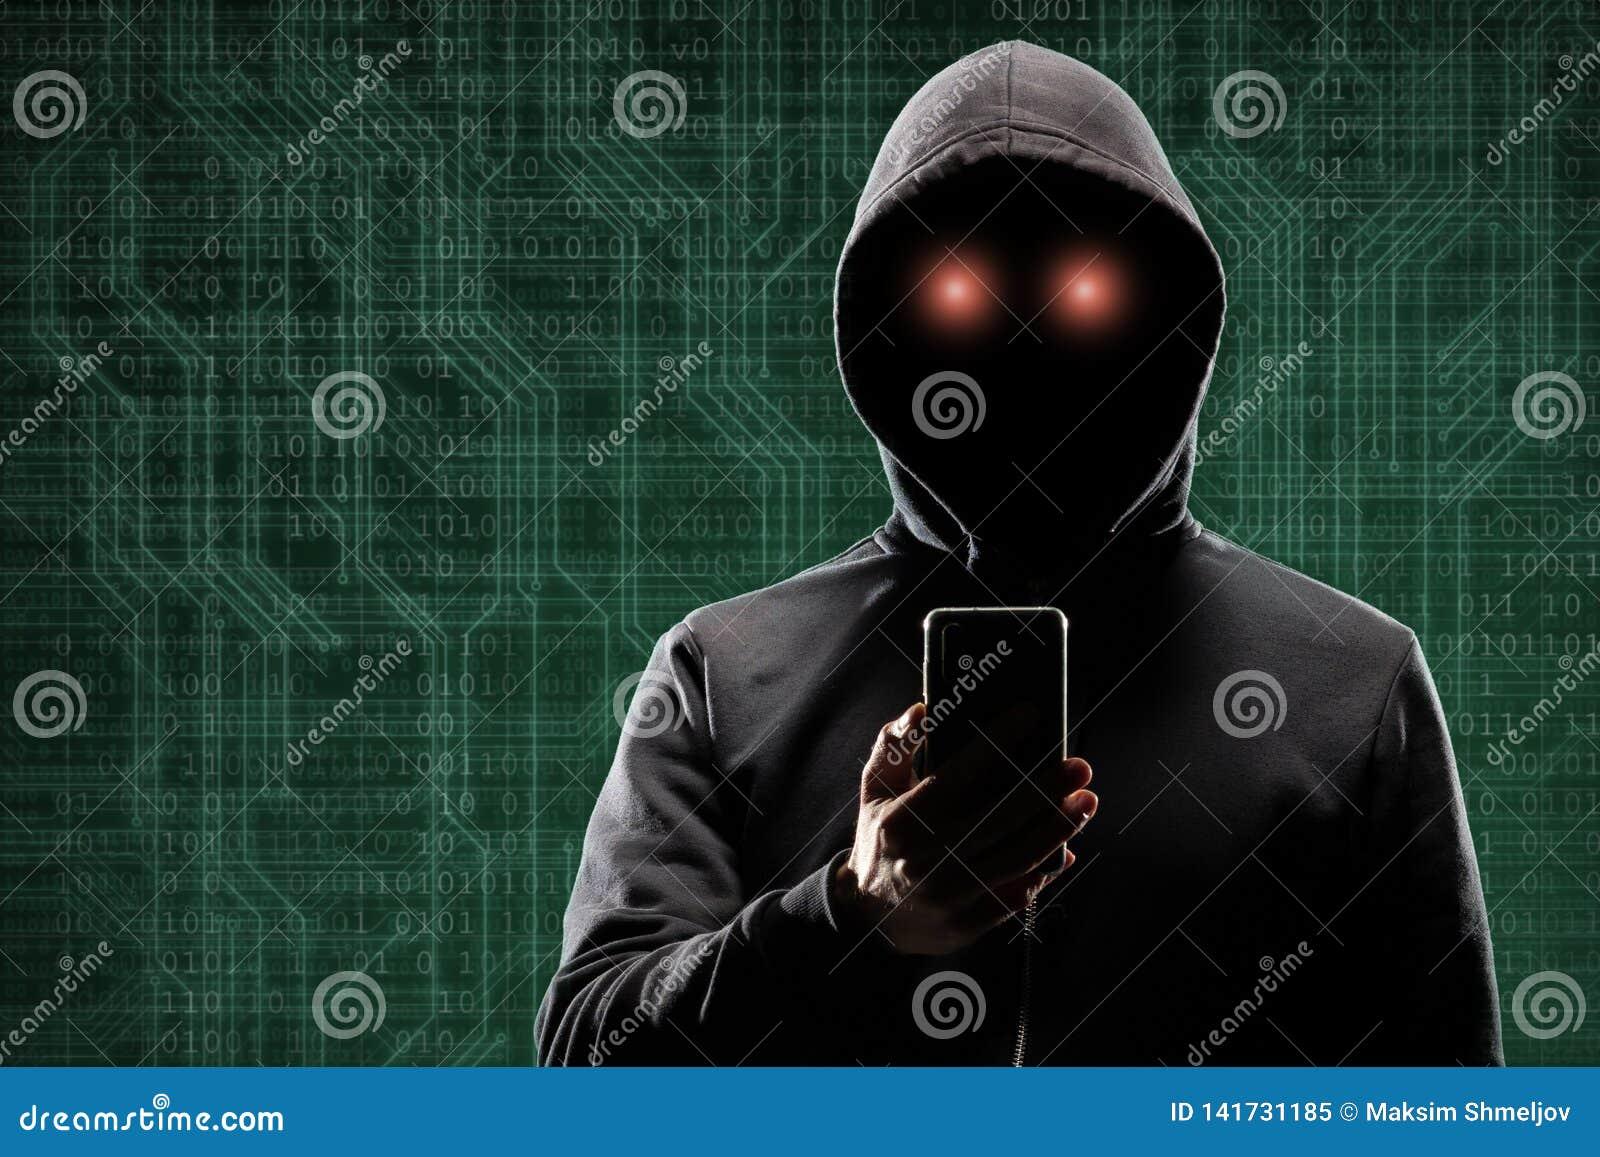 Χάκερ υπολογιστών στη μάσκα και hoodie πέρα από το αφηρημένο δυαδικό υπόβαθρο Κρυμμένο σκοτεινό πρόσωπο Κλέφτης στοιχείων, απάτη